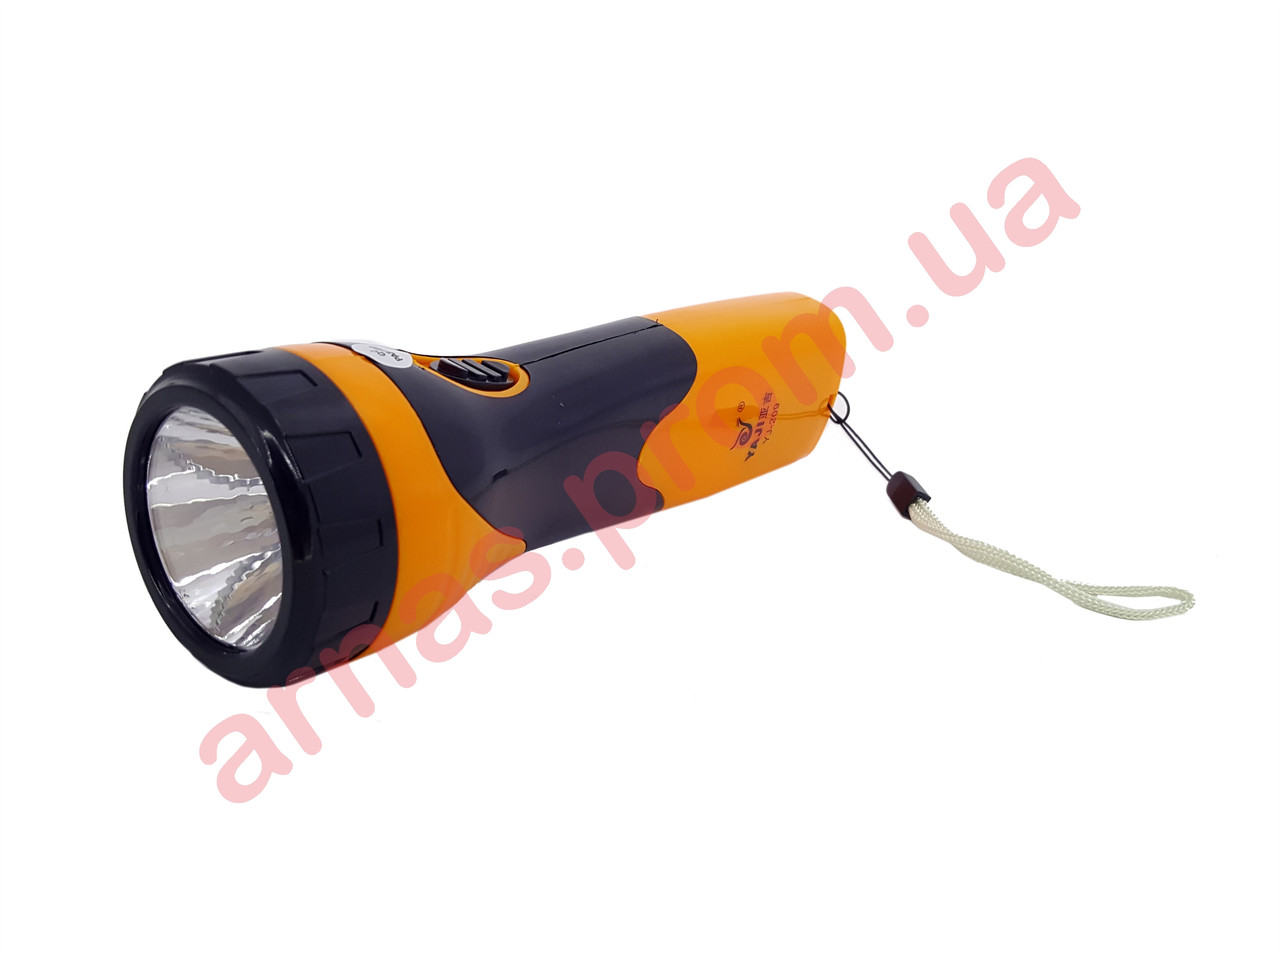 Аккумуляторный фонарь Yajia YJ-209